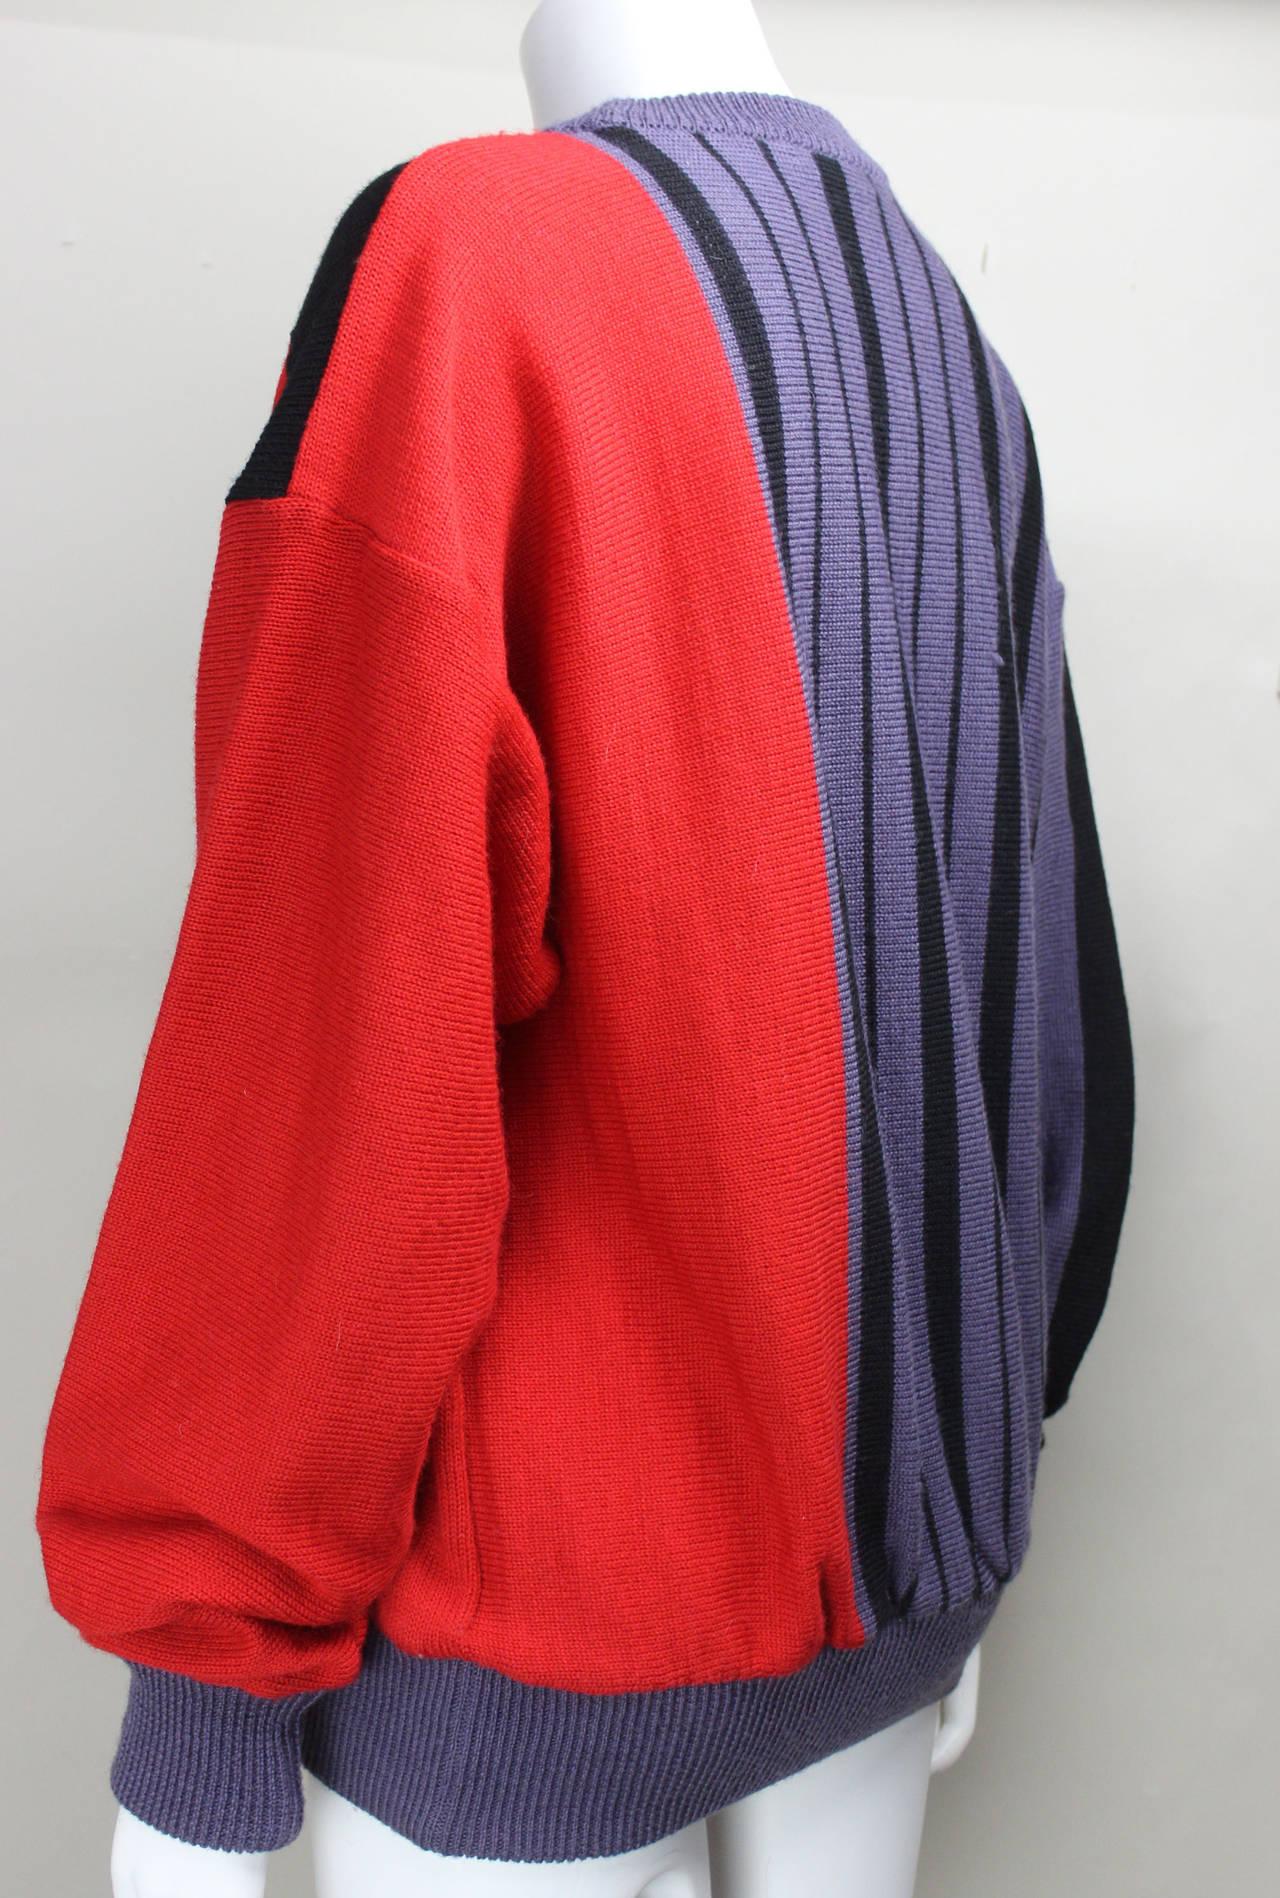 1980s Kansai Yamamoto Sweater 6